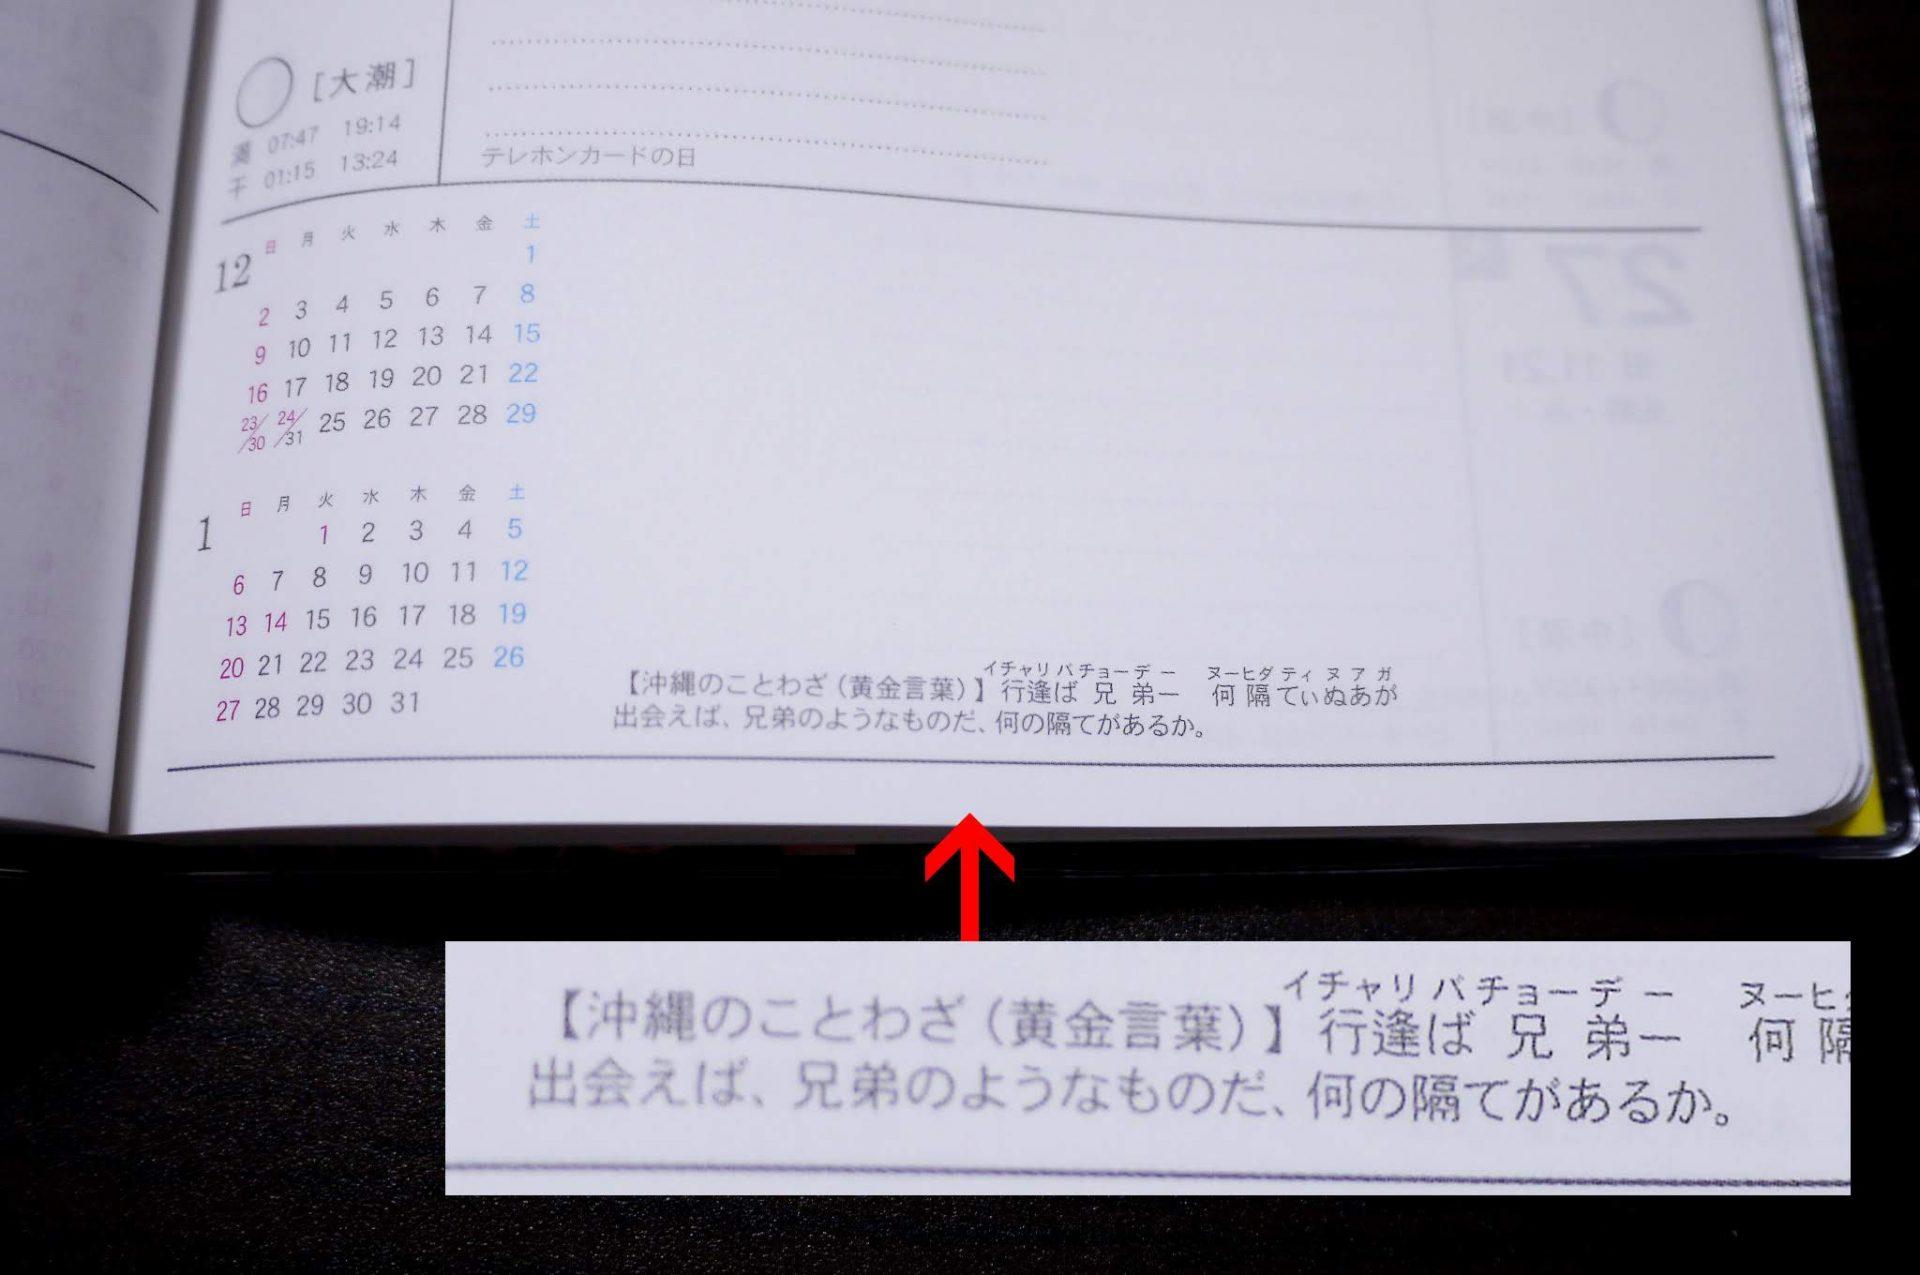 その9. 見落とすなかれ!ページ下に、沖縄の黄金言葉(ことわざ)が載っていた